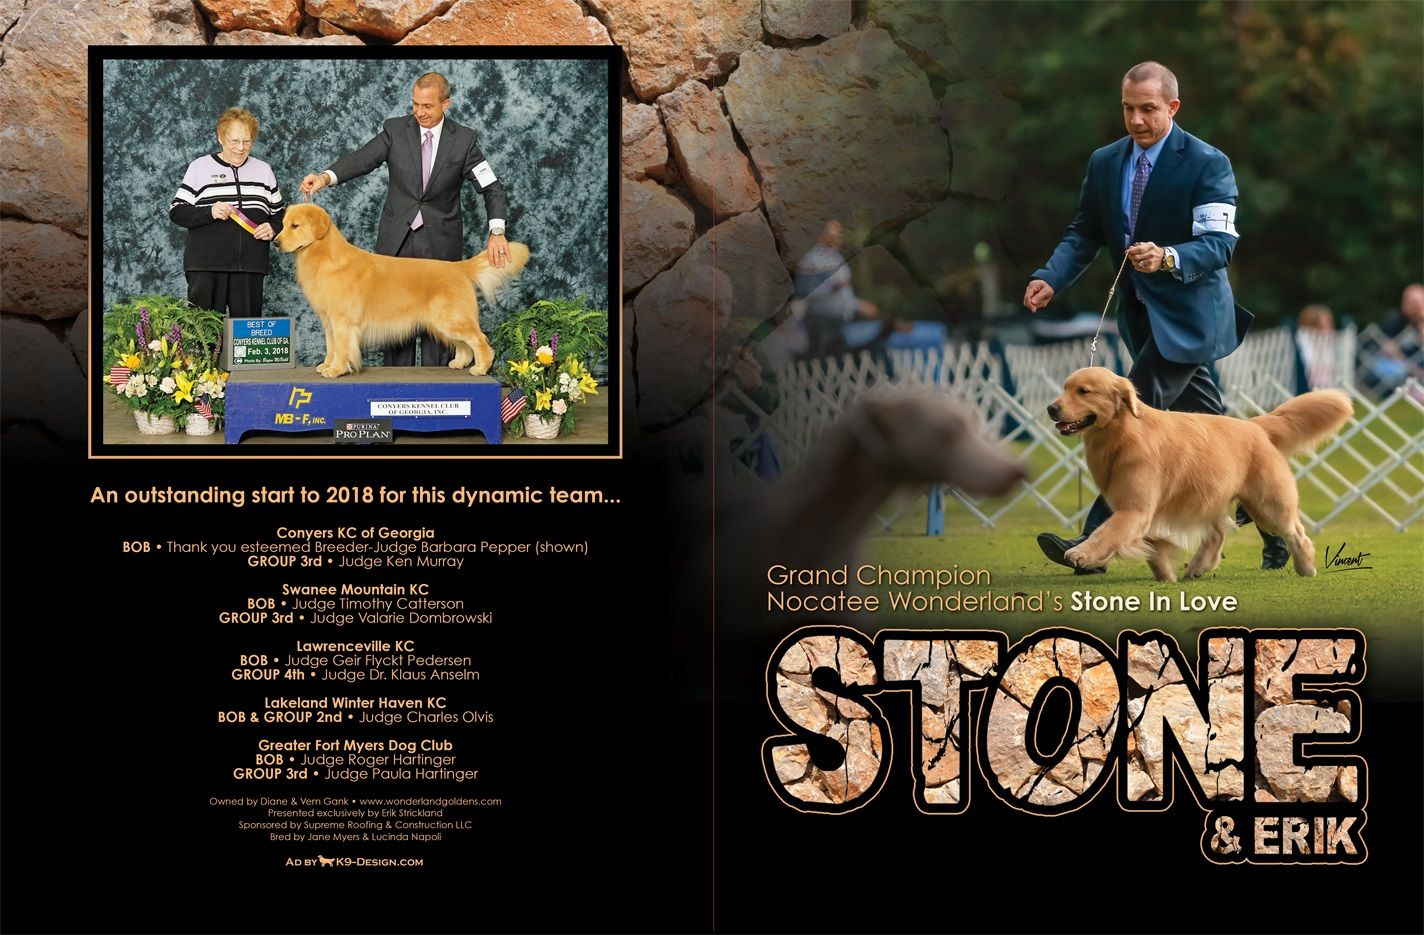 Golden Retriever Puppies For Sale In Ga In 2020 Retriever Puppy Cute Puppy Photos Puppies For Sale